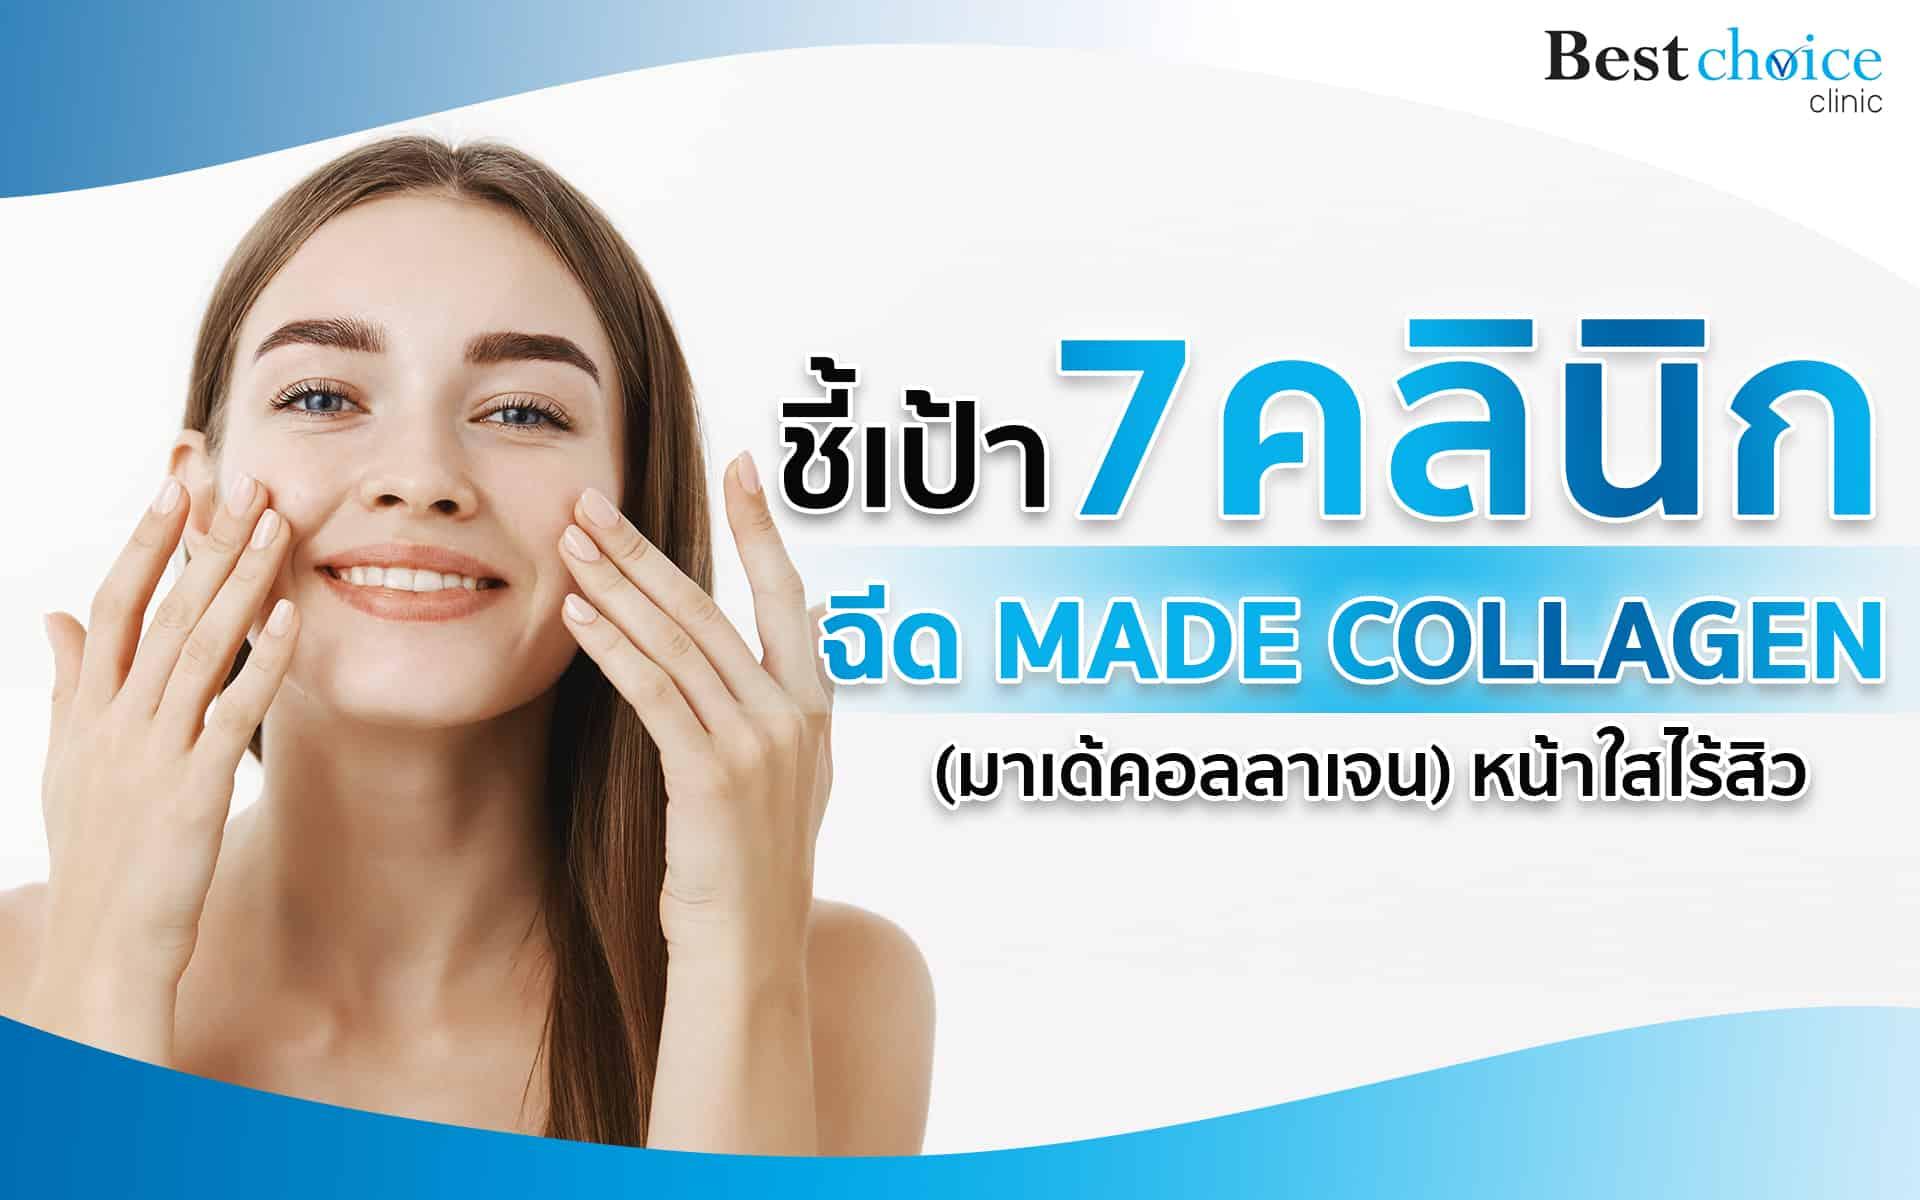 ฉีด made collagen หน้าใส ไร้สิว